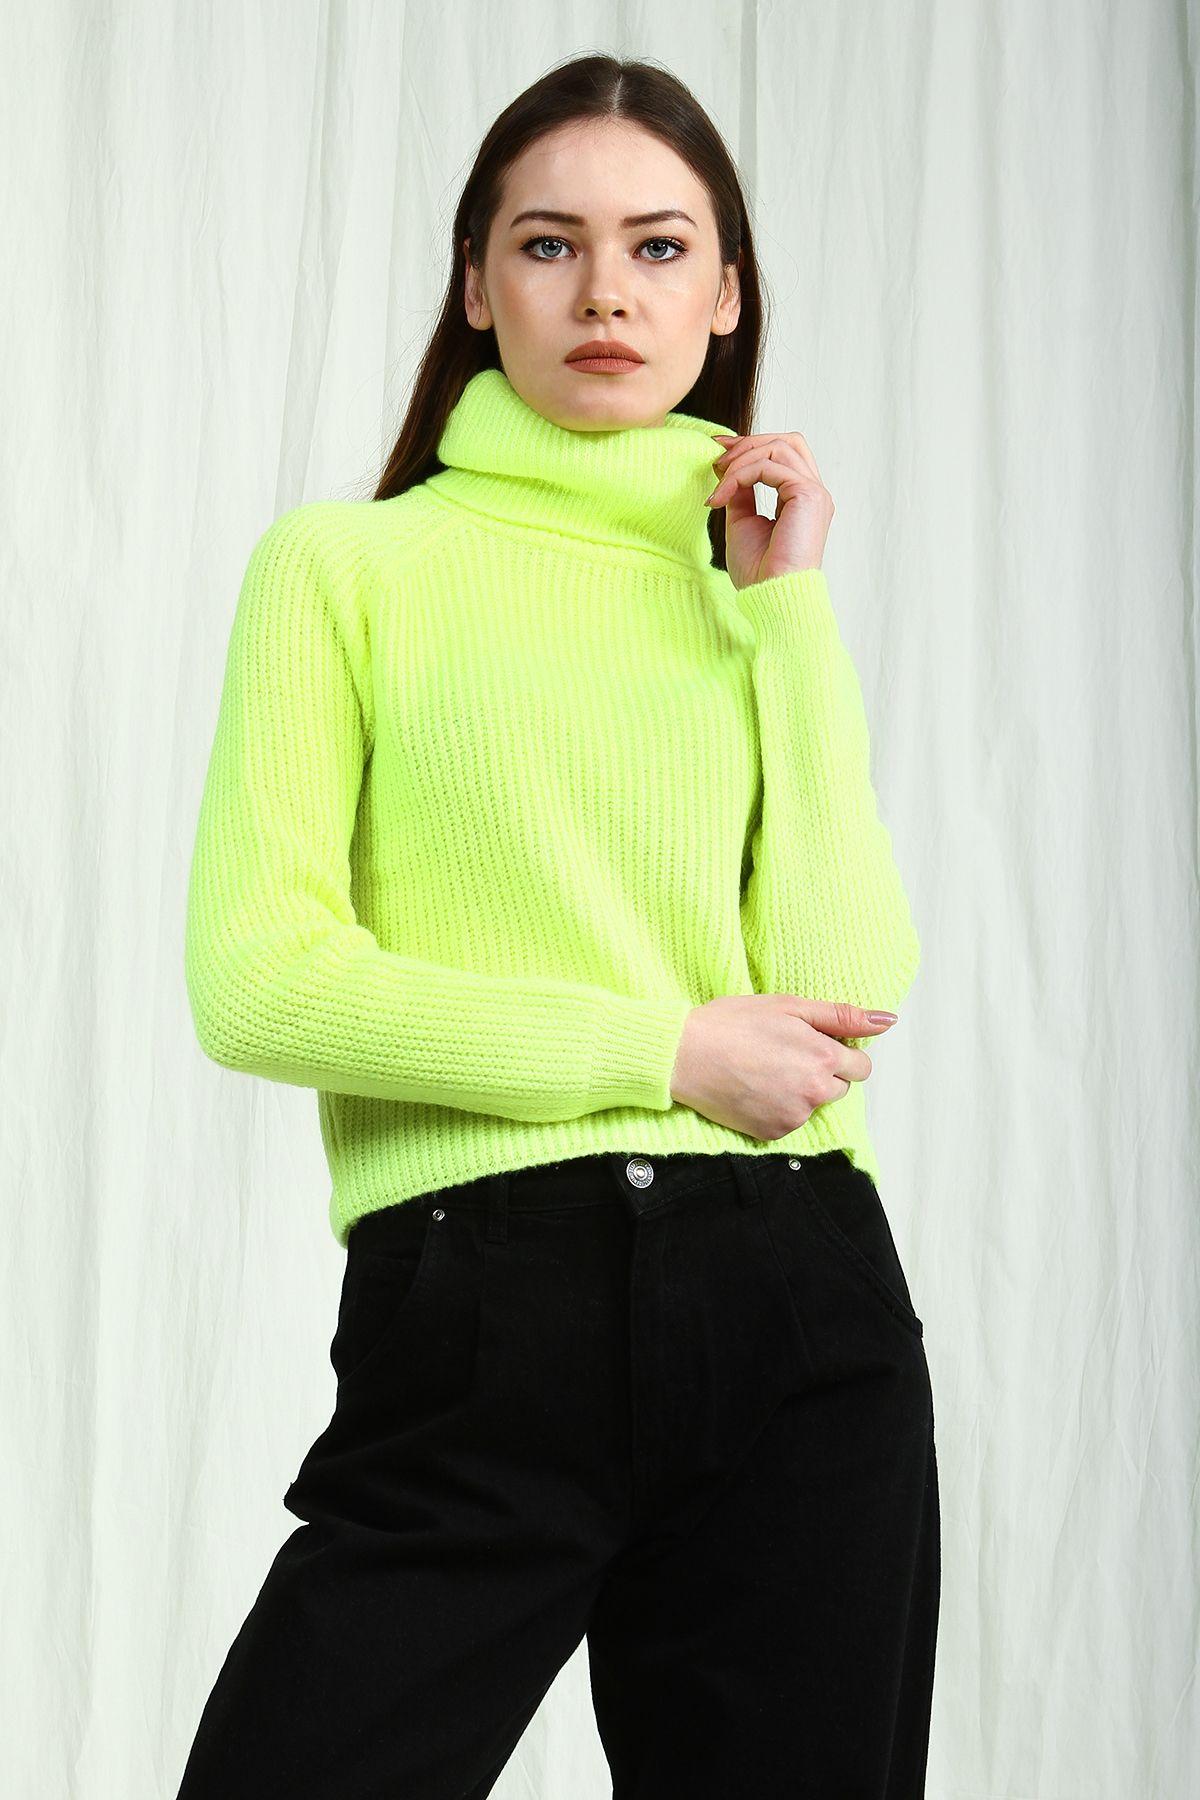 Kadin Neon Yesil Bogazli Selanik Triko Kazak Collezione Kazak Modelleri Bayan Kazak Kombinleri Triko Kazak Triko Kazak Modell 2020 Triko Moda Stilleri Kadin